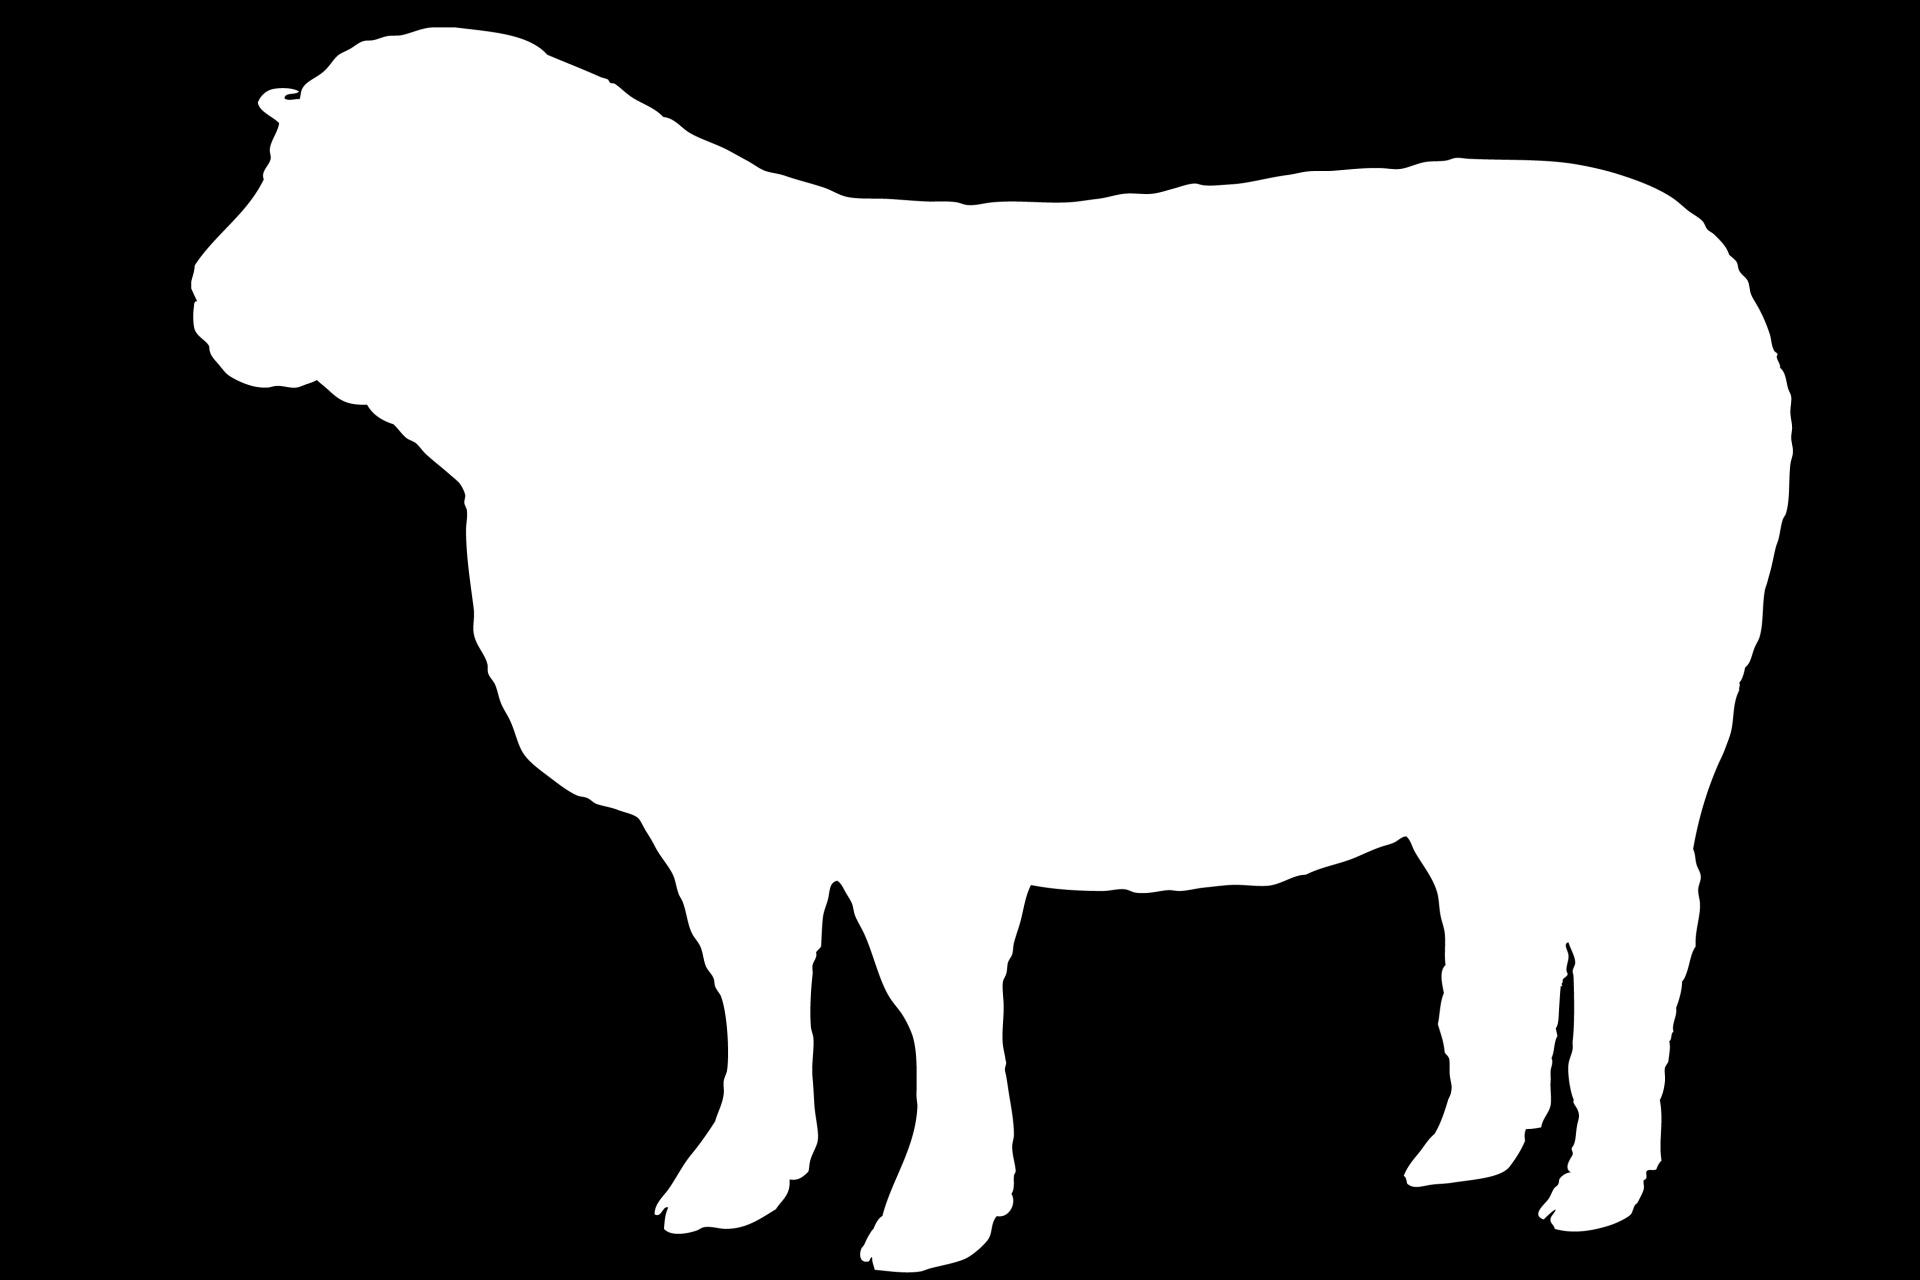 1920x1280 Sheep White Silhouette Free Stock Photo